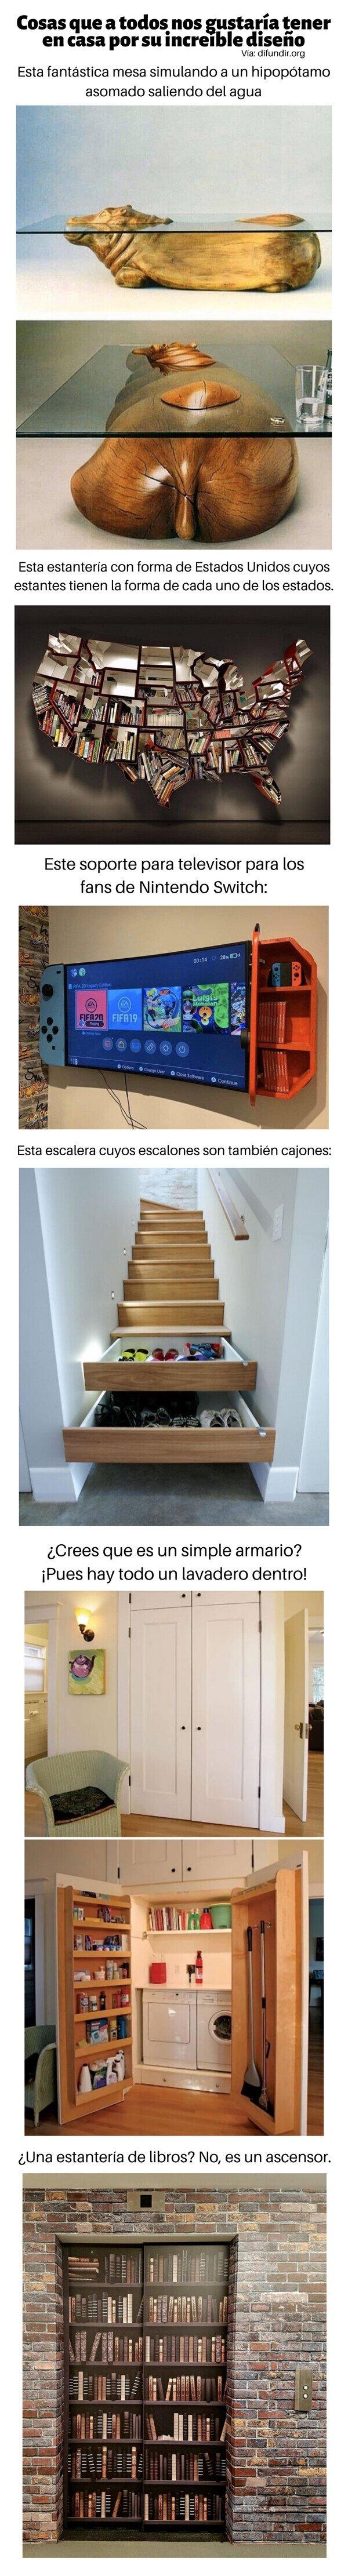 Meme_otros - Cosas que a todos nos gustaría tener en casa por su increíble diseño